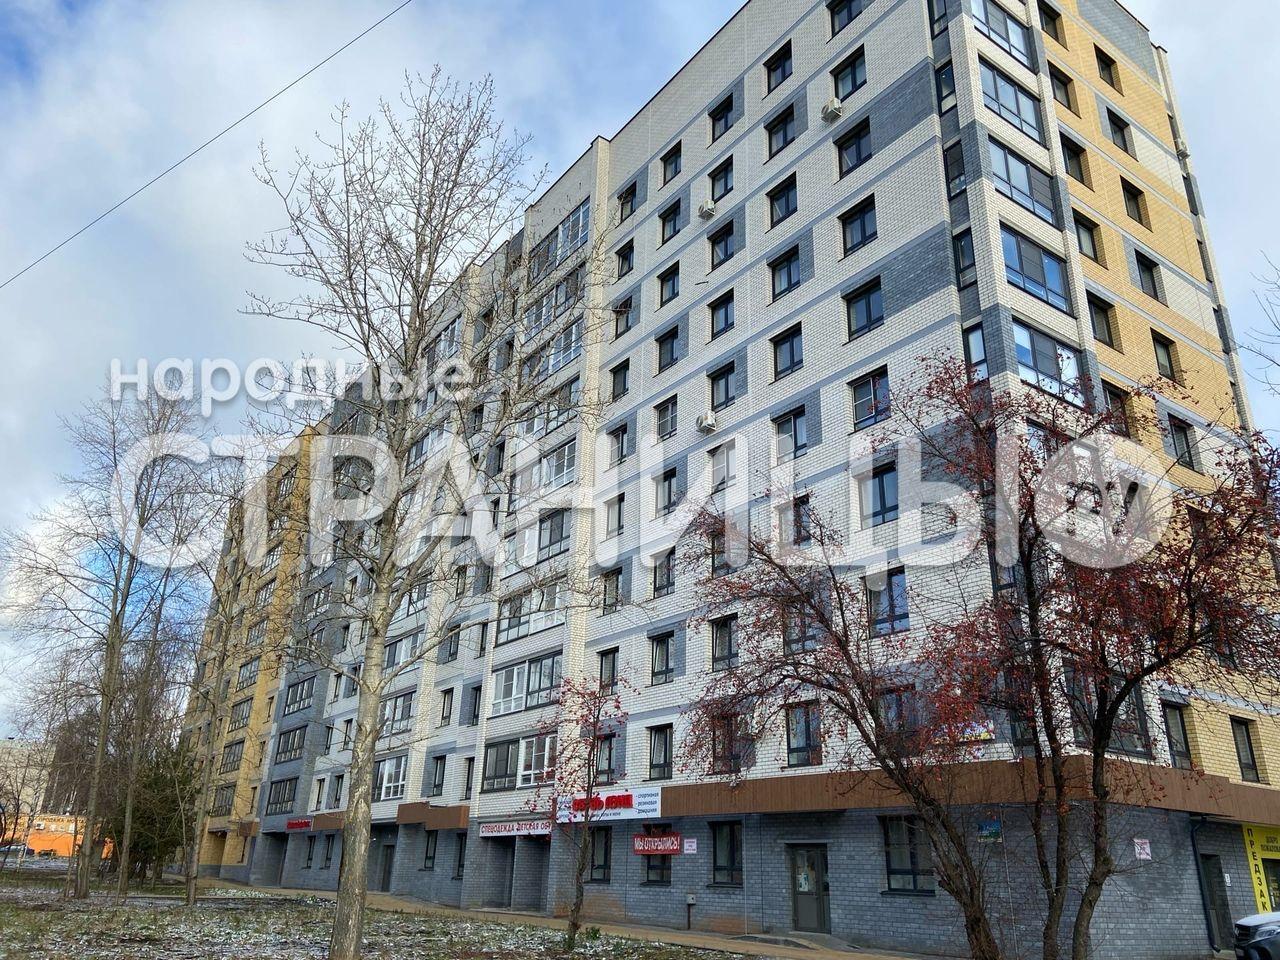 2-комнатная квартира, 40.0 м²,  8/10 эт. Кирпичный дом, Вторичное жилье